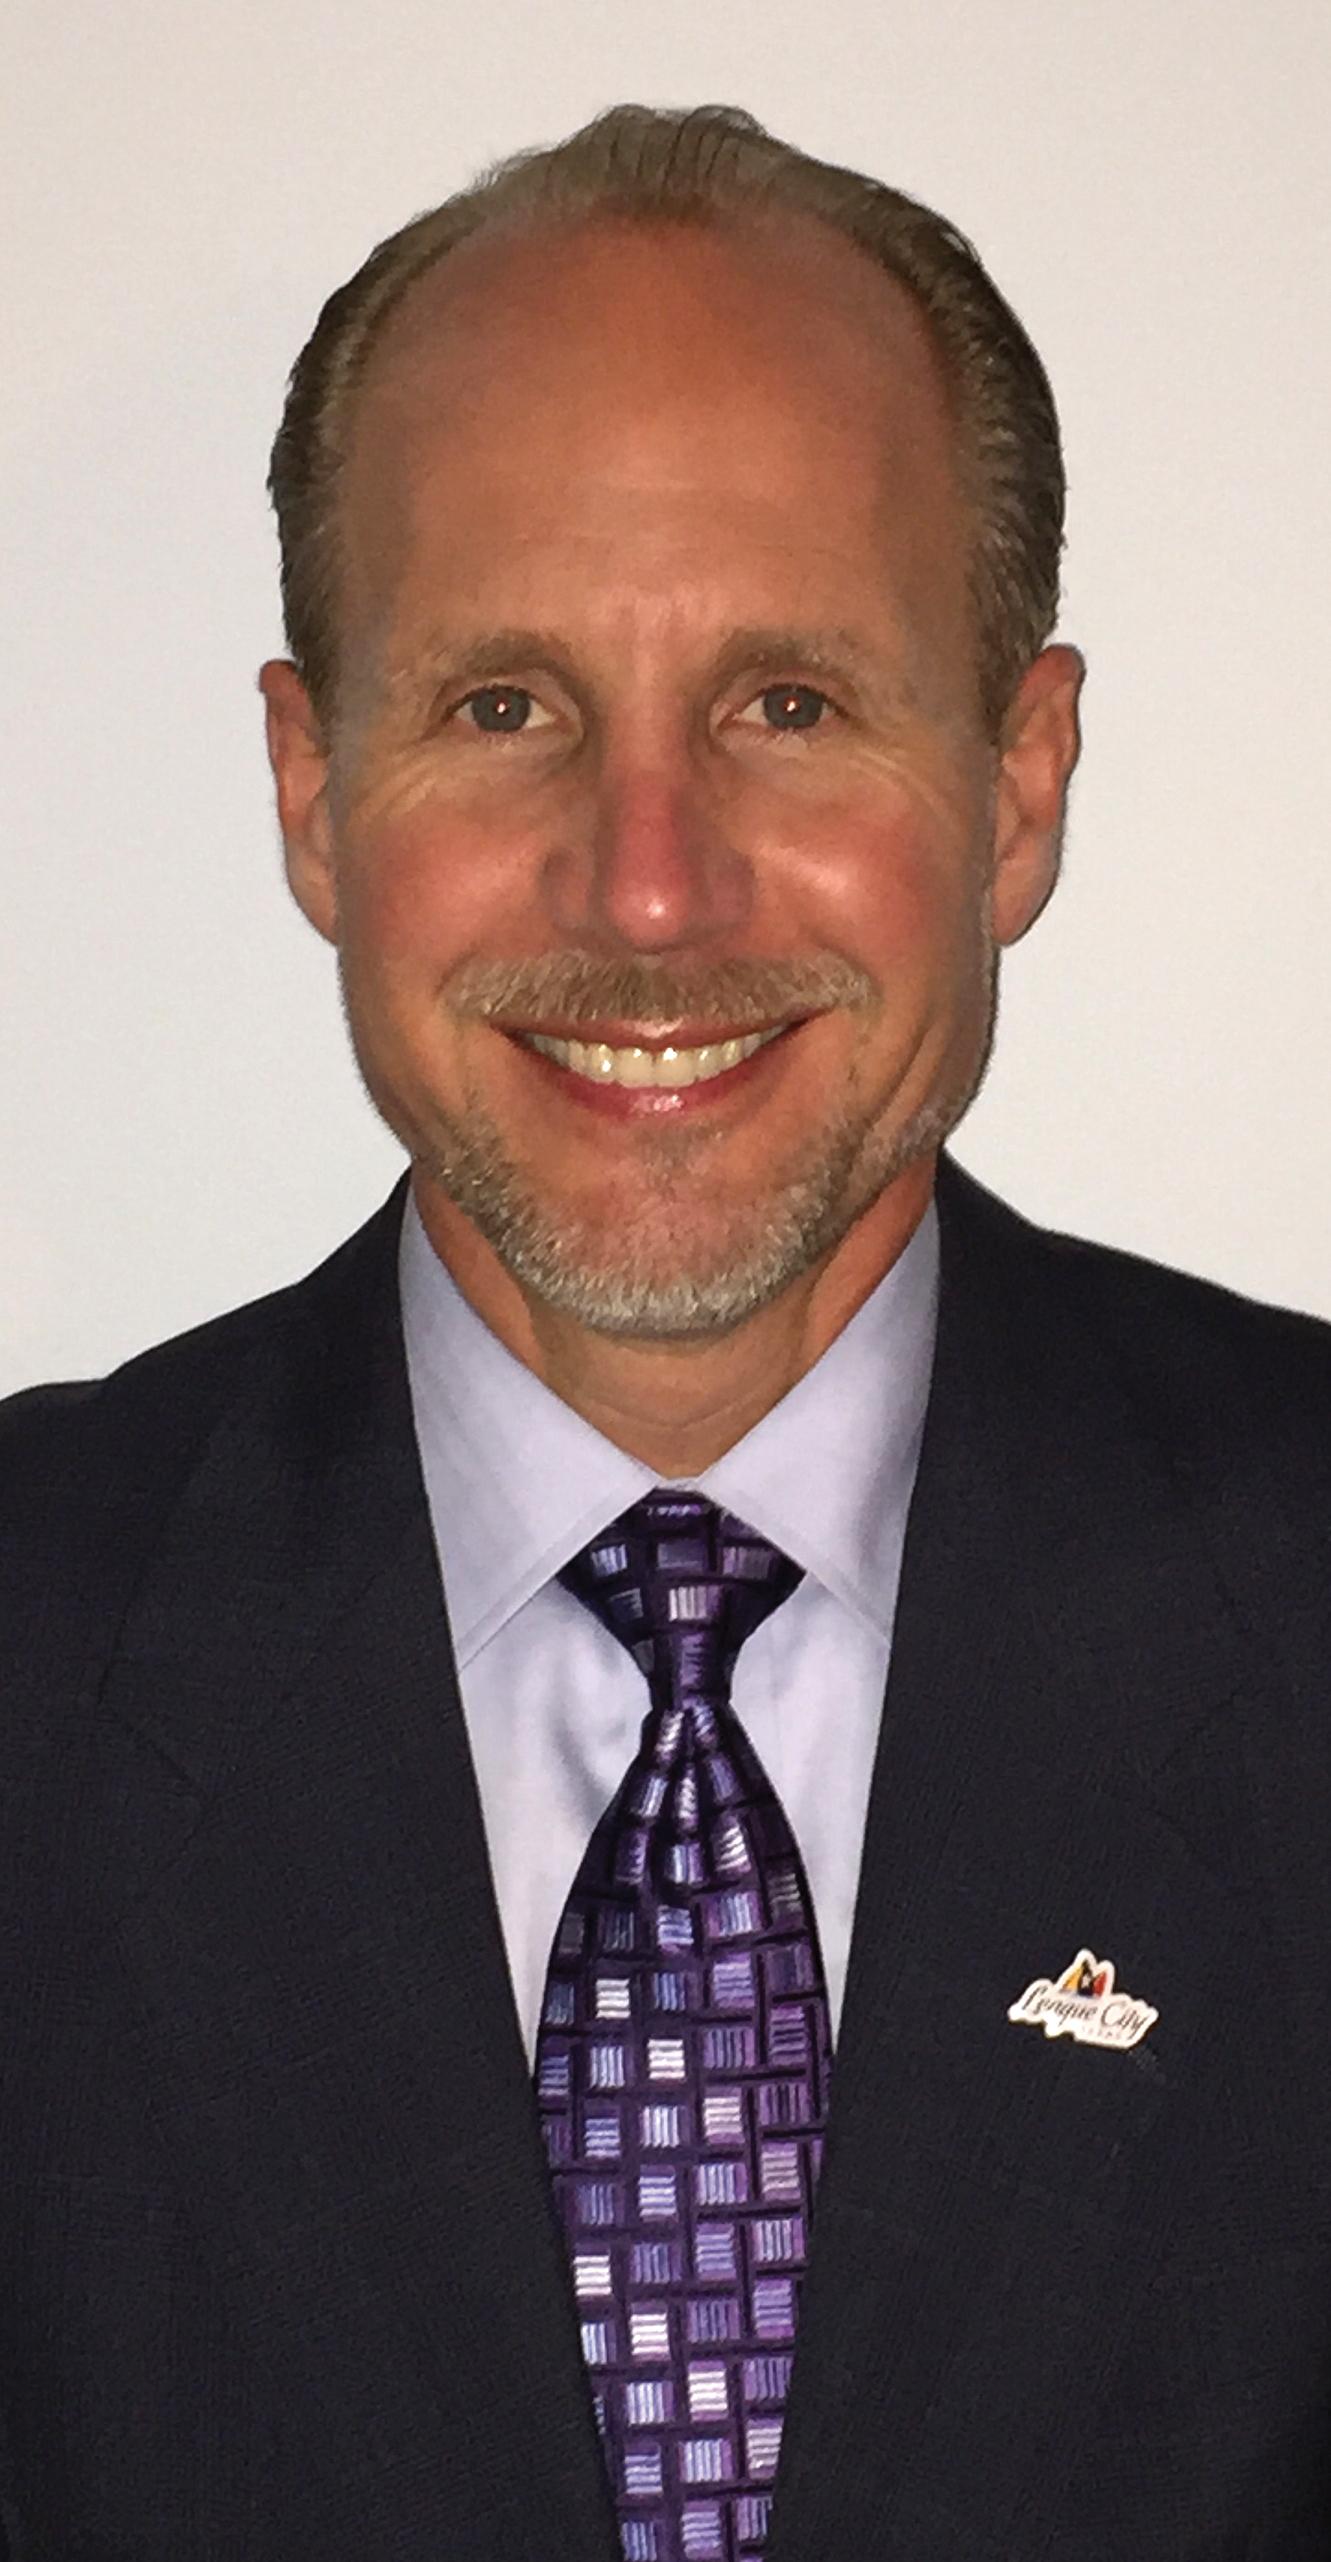 Scott Livingston